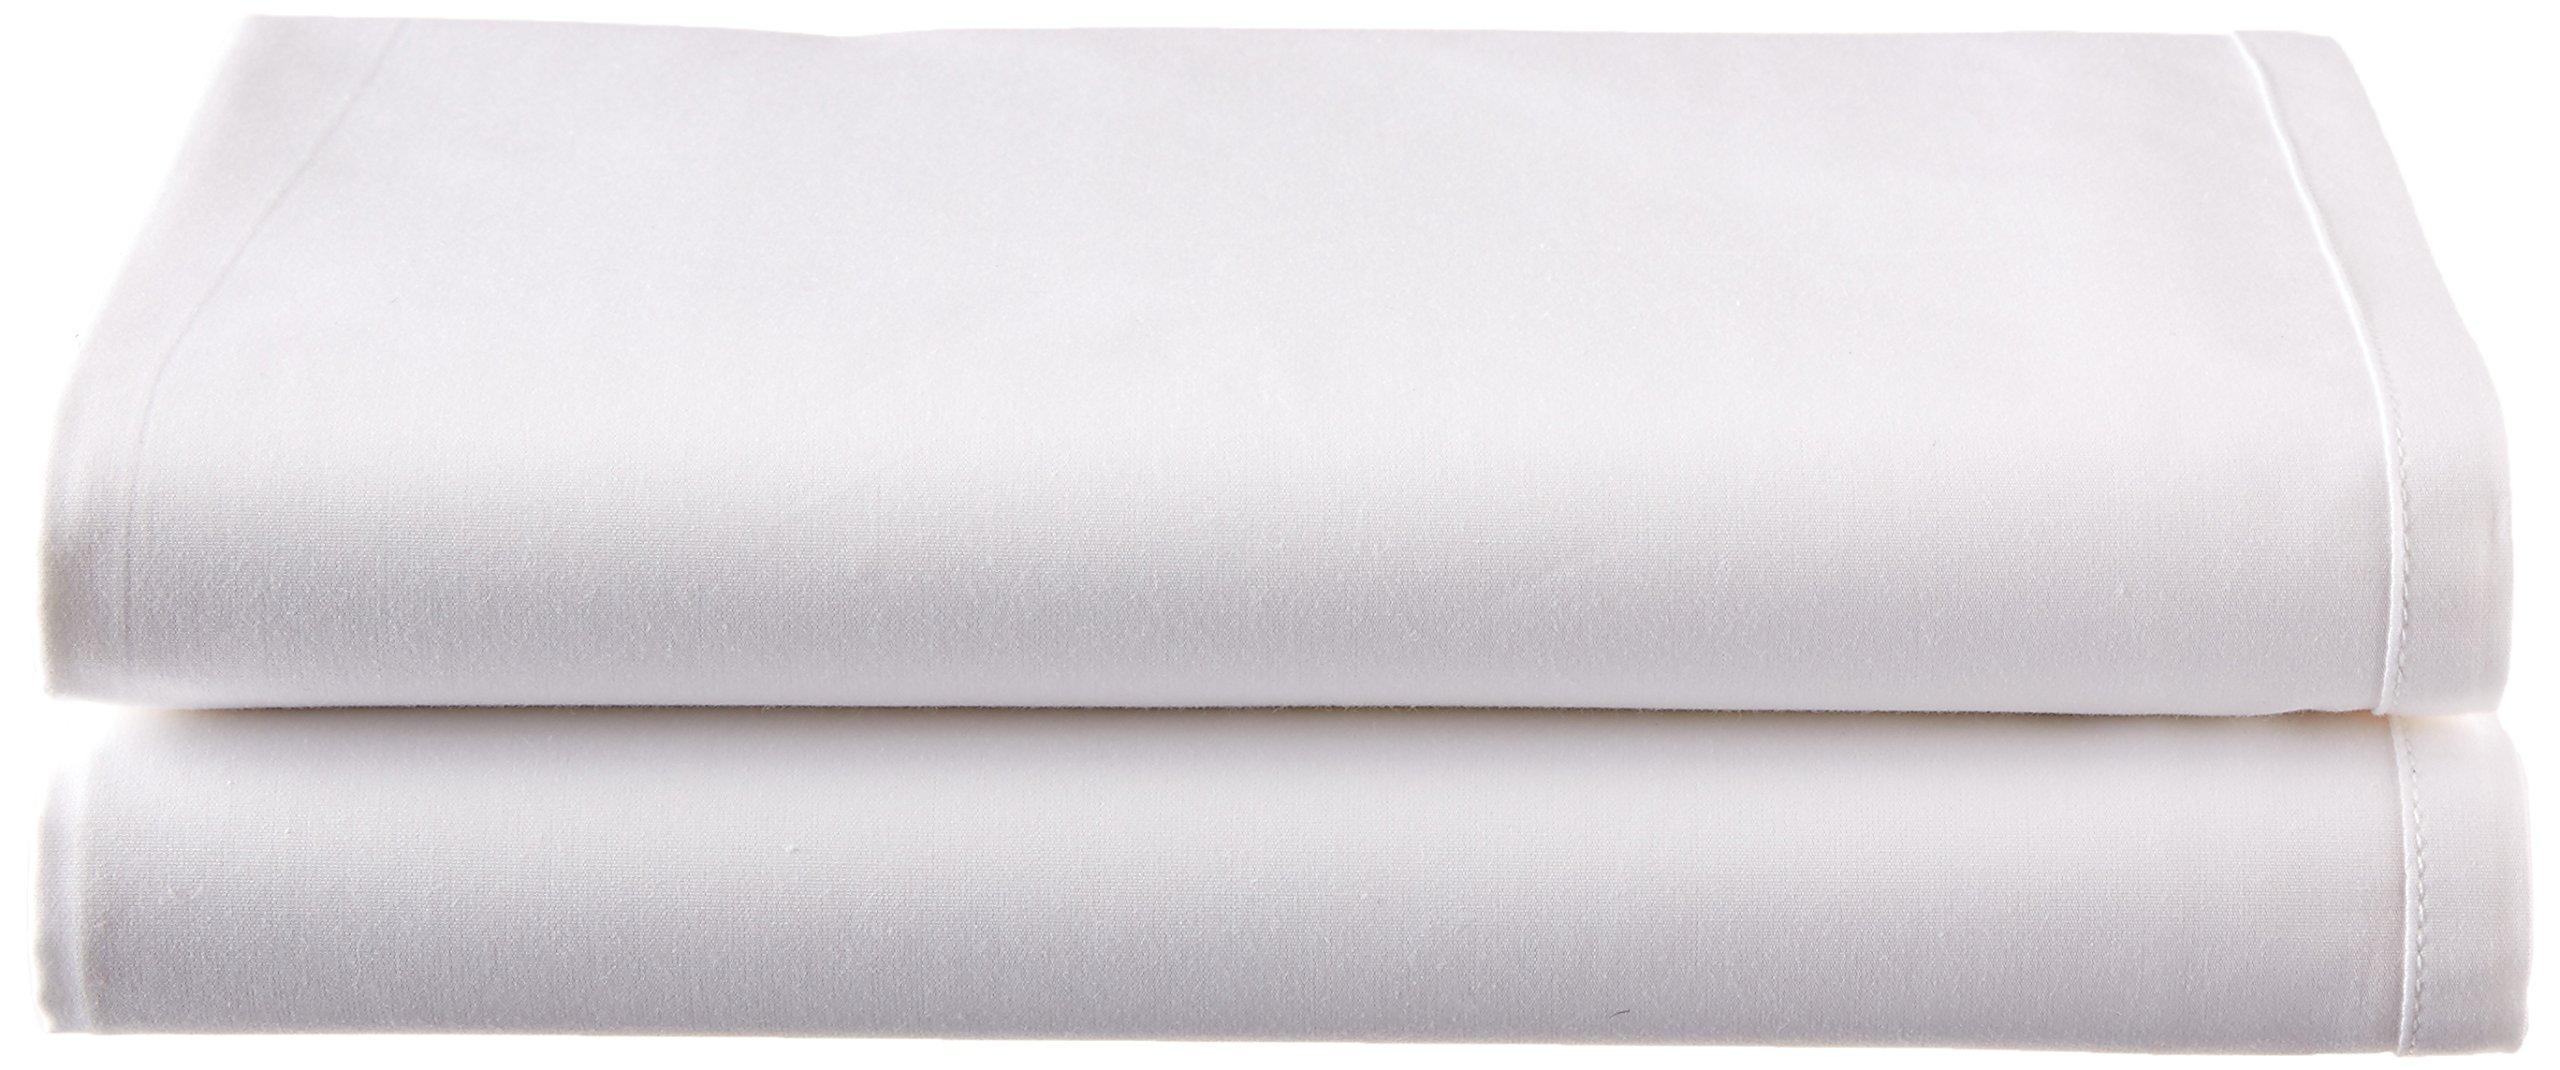 Calvin Klein Home Clone, Standard Pillowcase Pair, White, 2 Piece